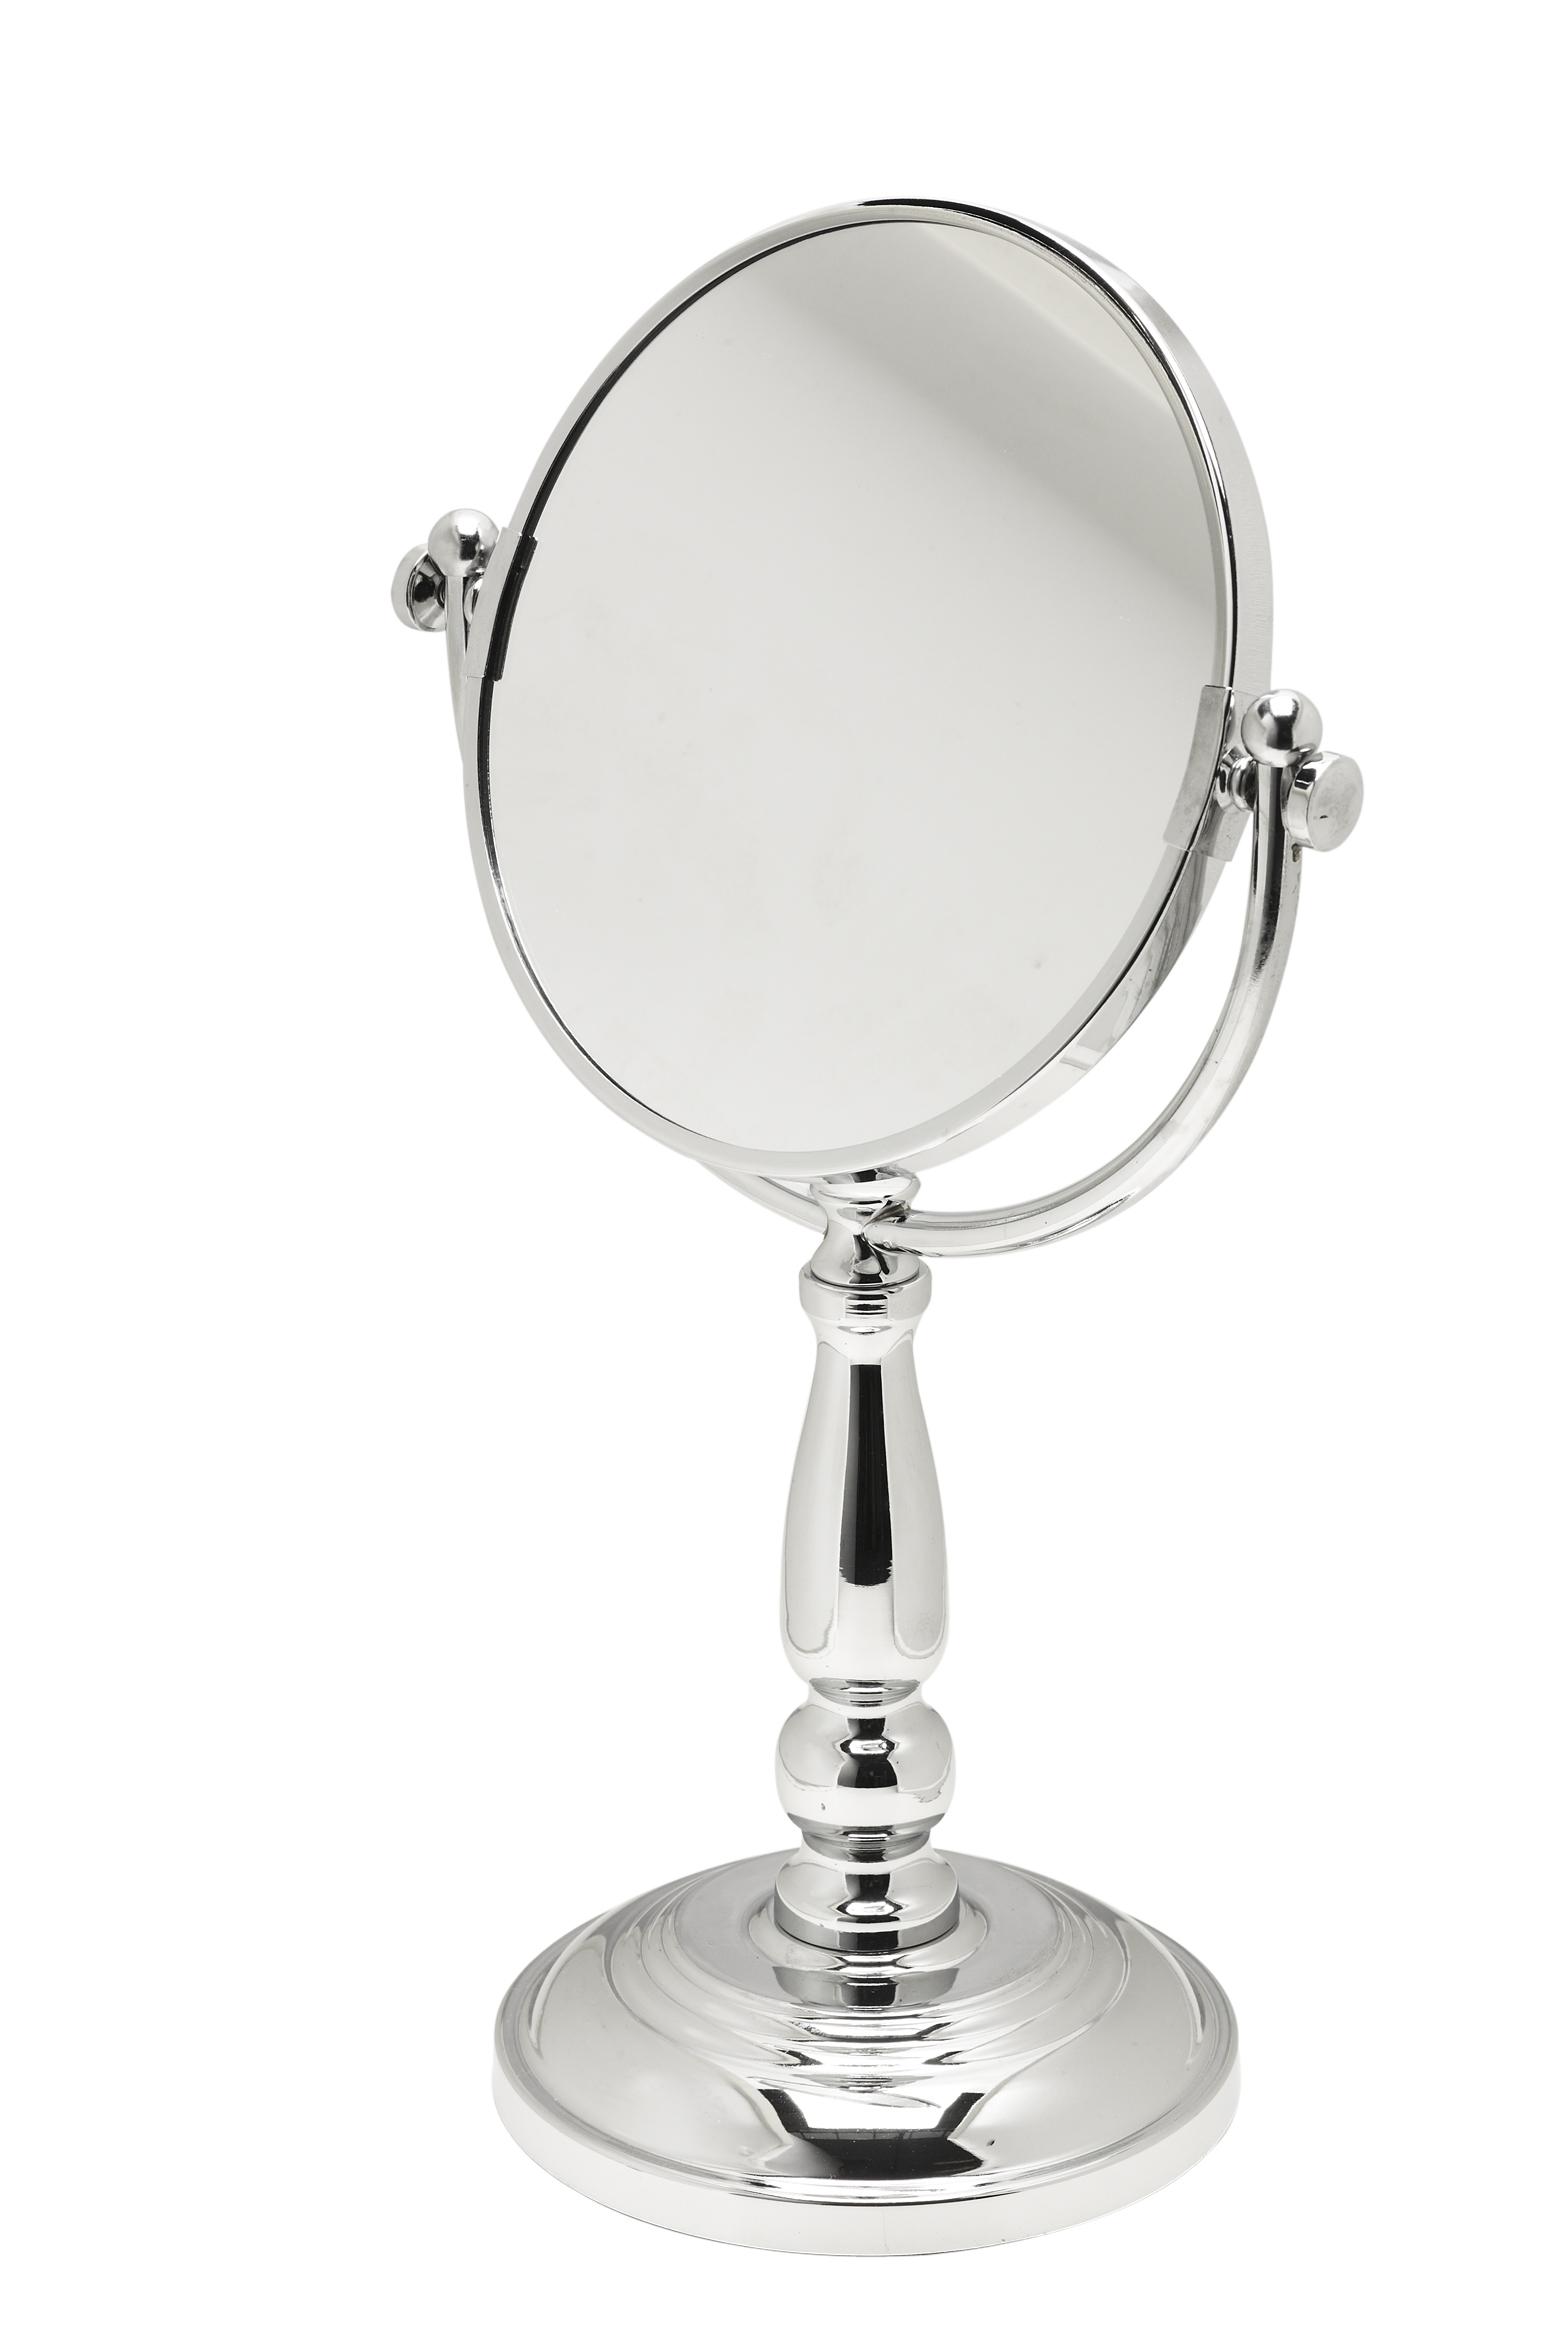 Specchio da appoggio alto lene bjerre shop bottega delle idee - Specchio da appoggio ...